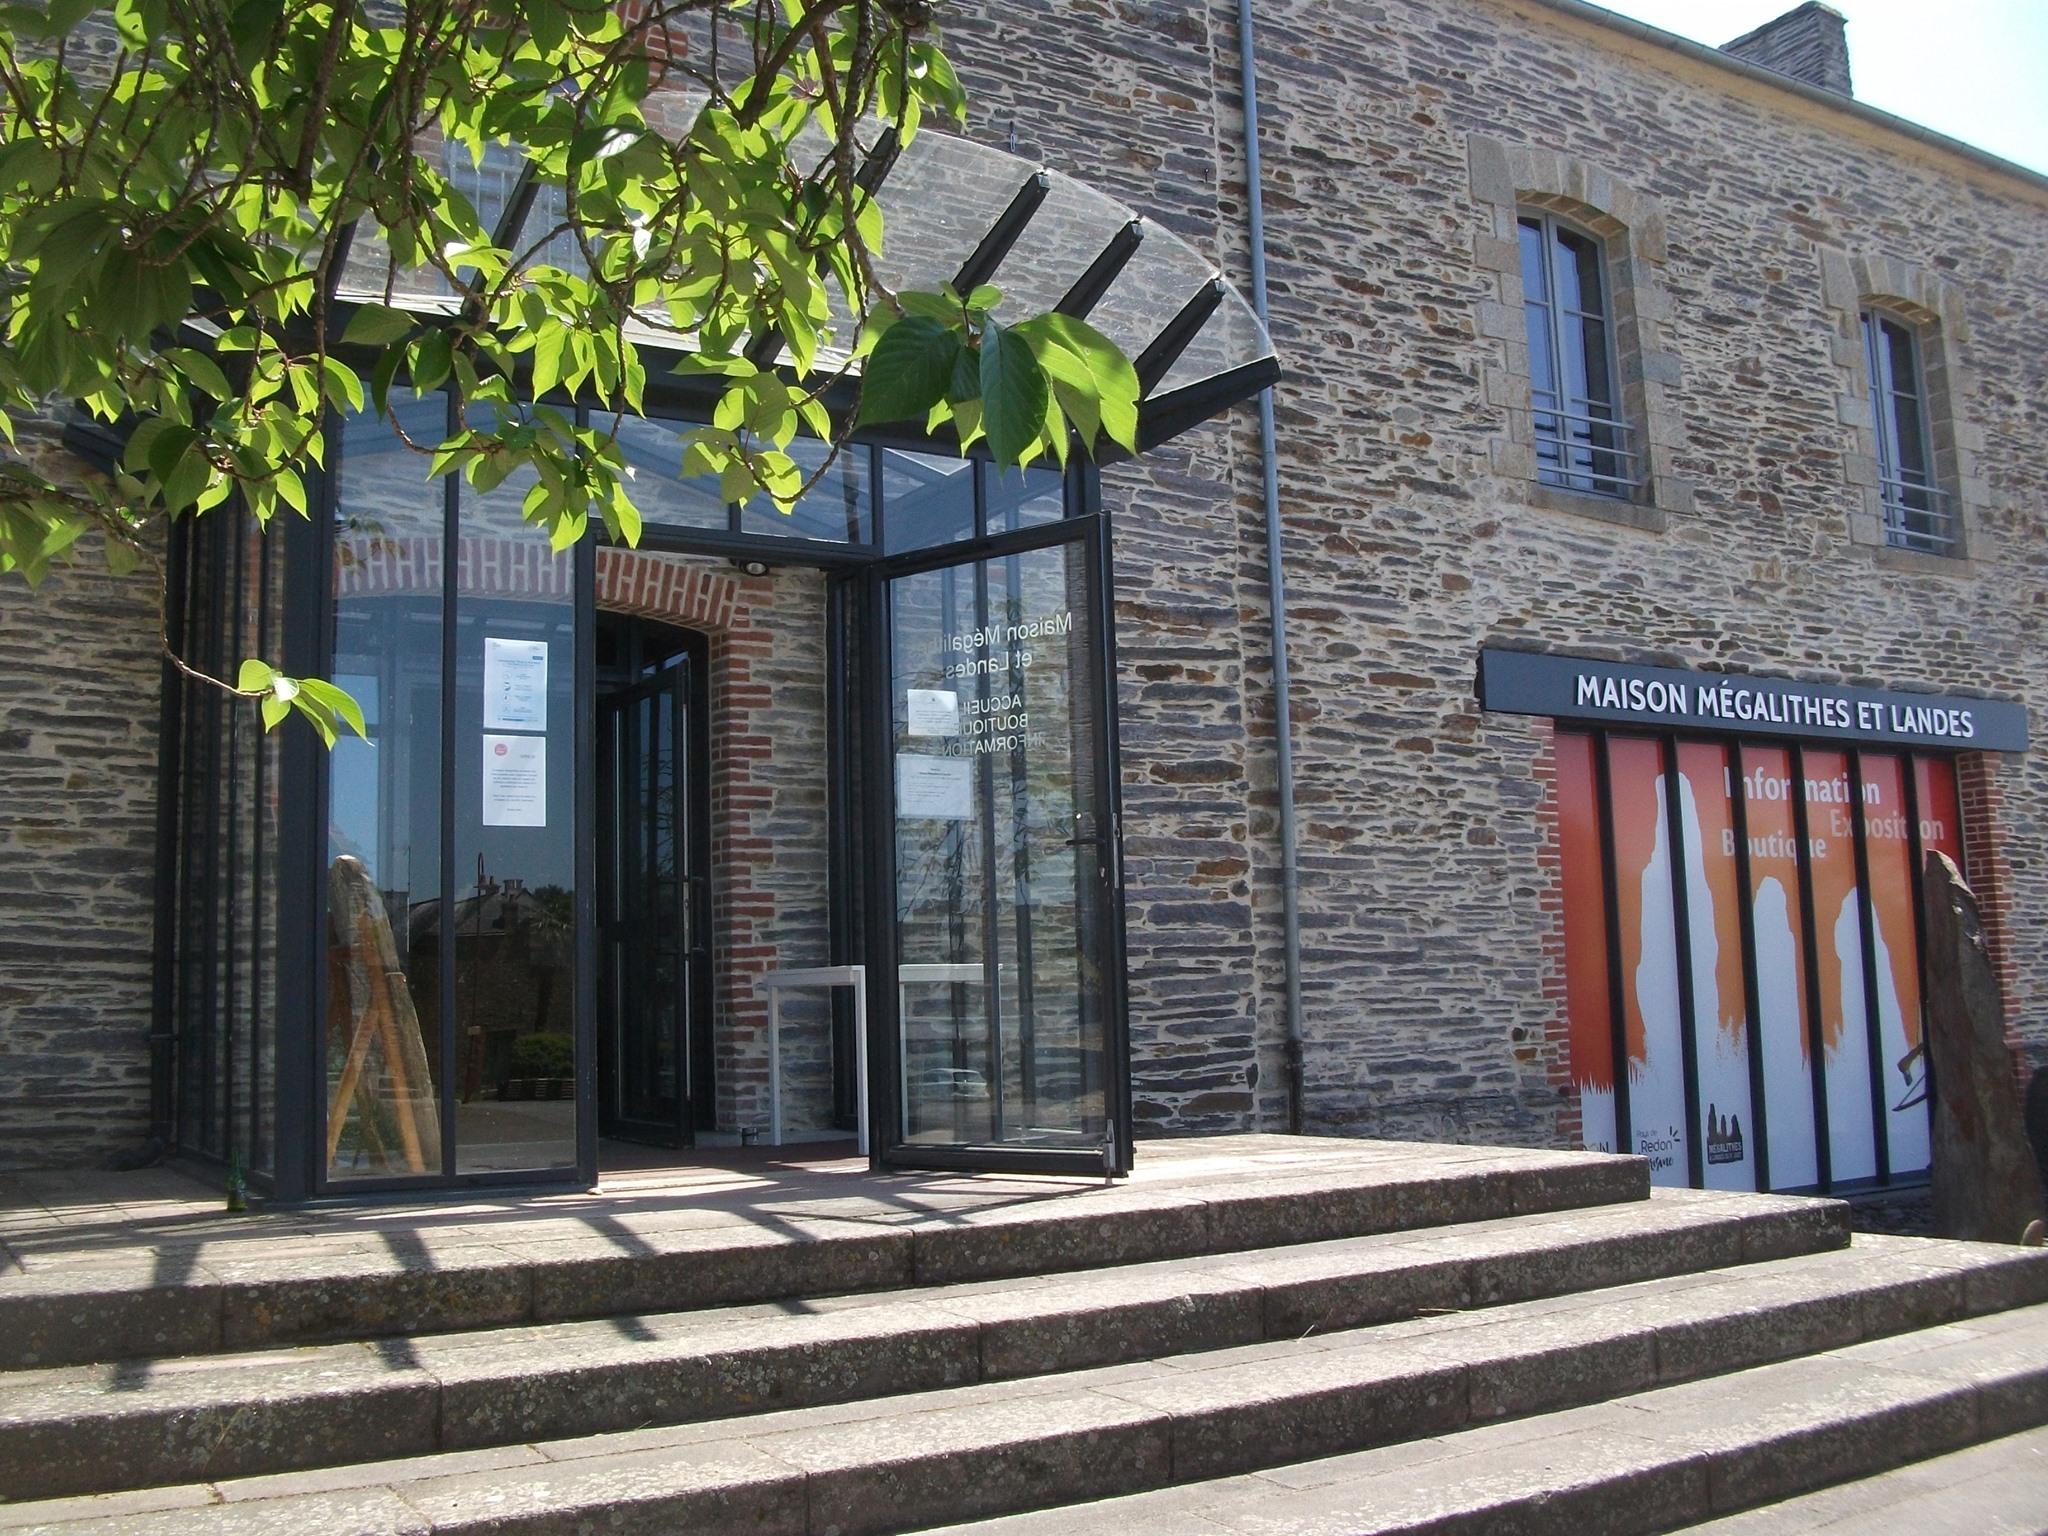 Visite libre exposition Maison Mégalithes et Landes